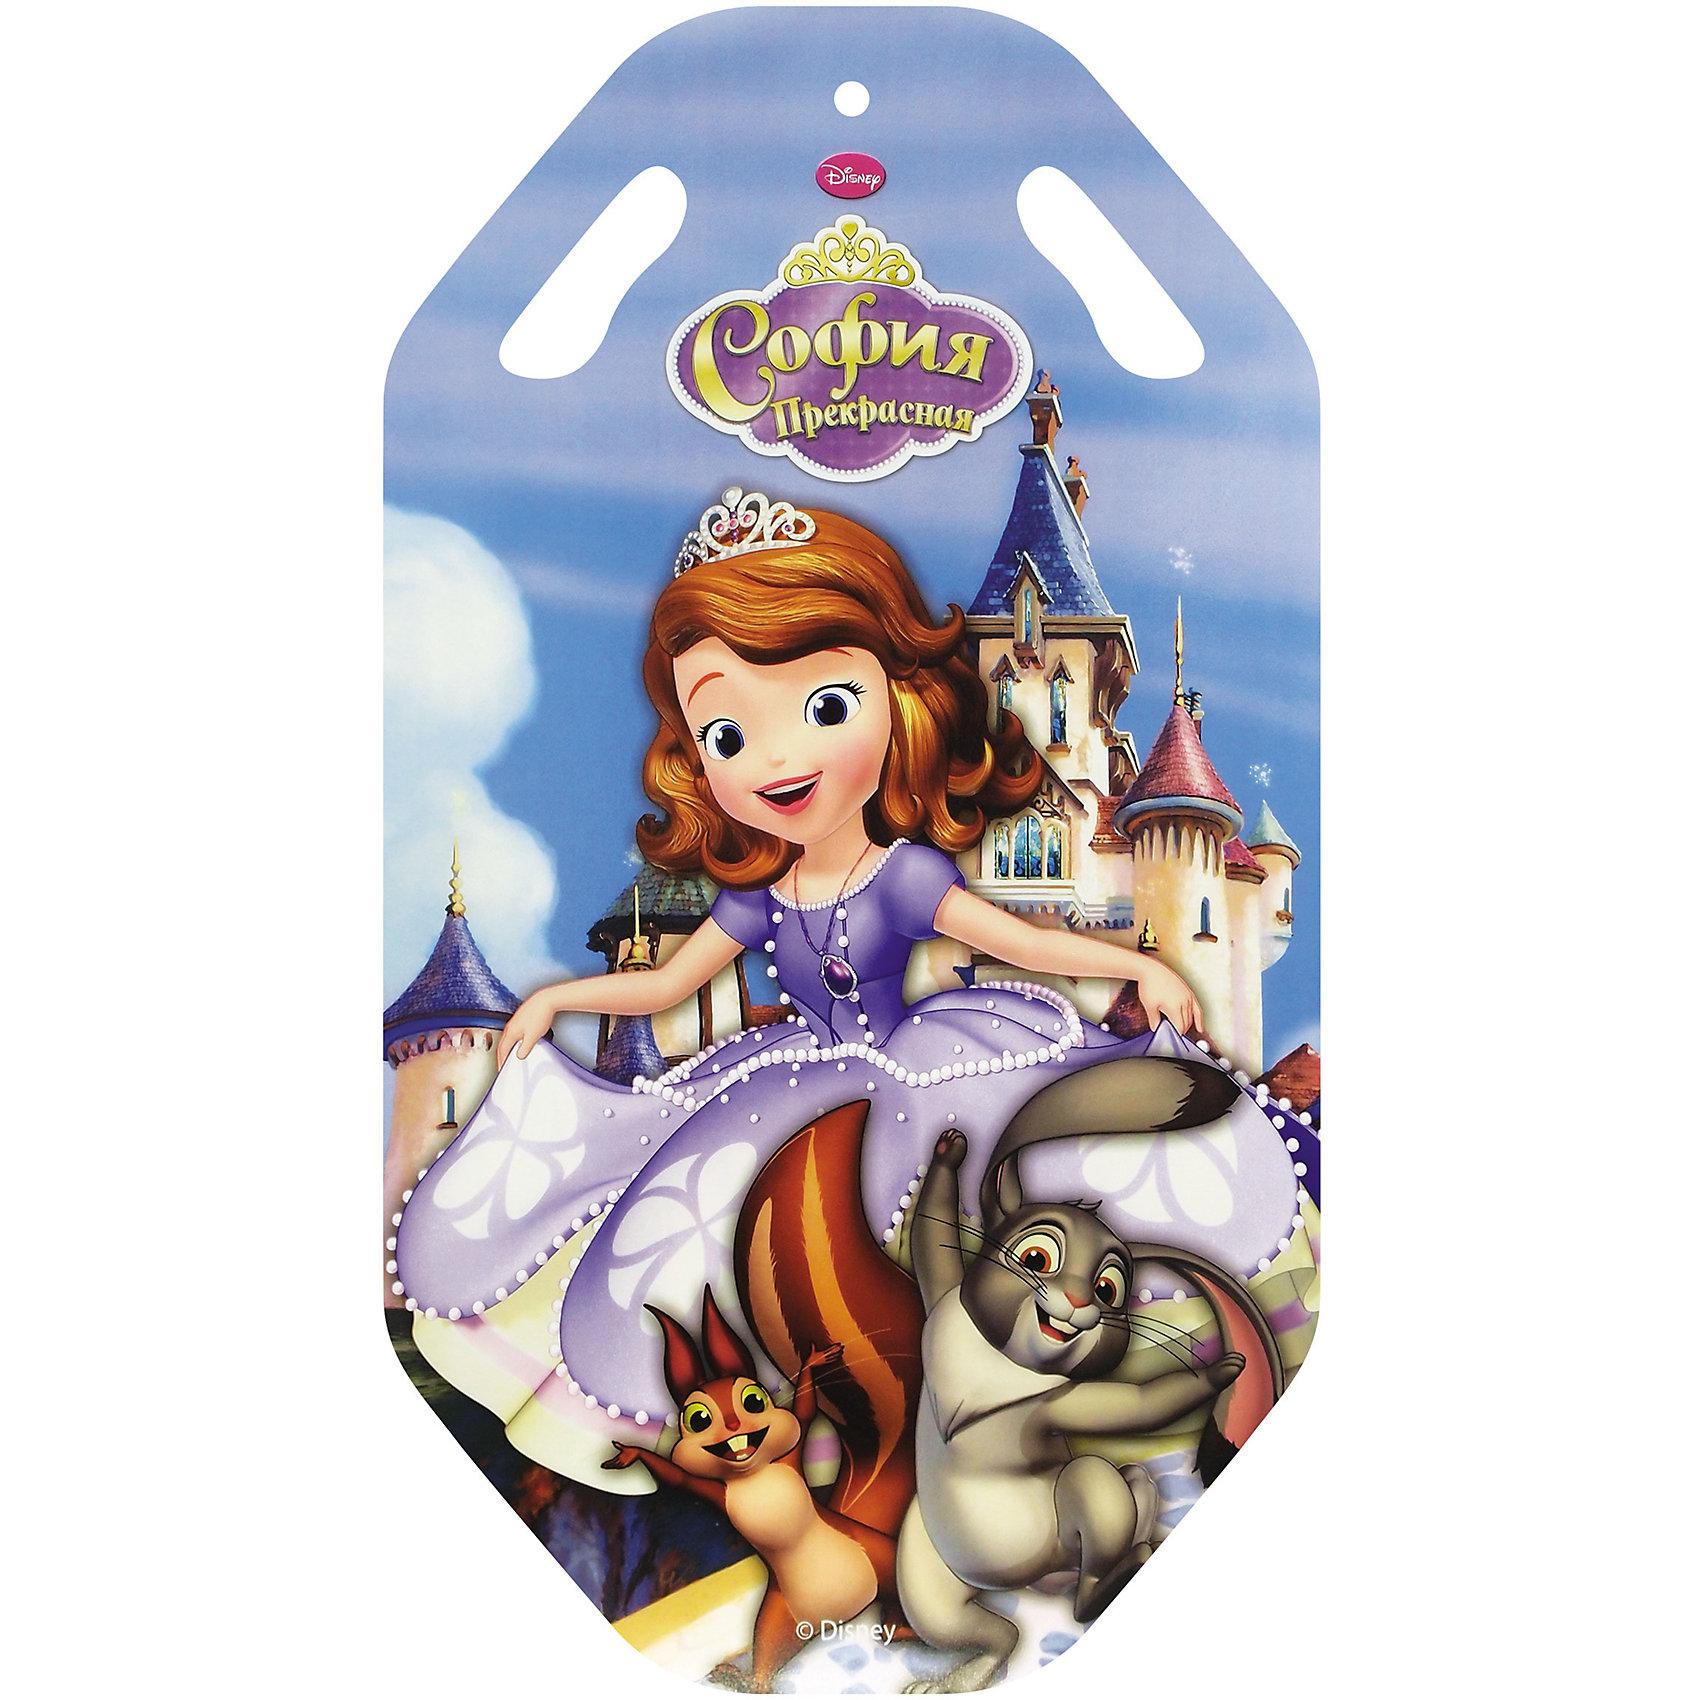 Disney Ледянка София, 92см, София Прекрасная, Disney ледянка disney disney феи 92см т59116